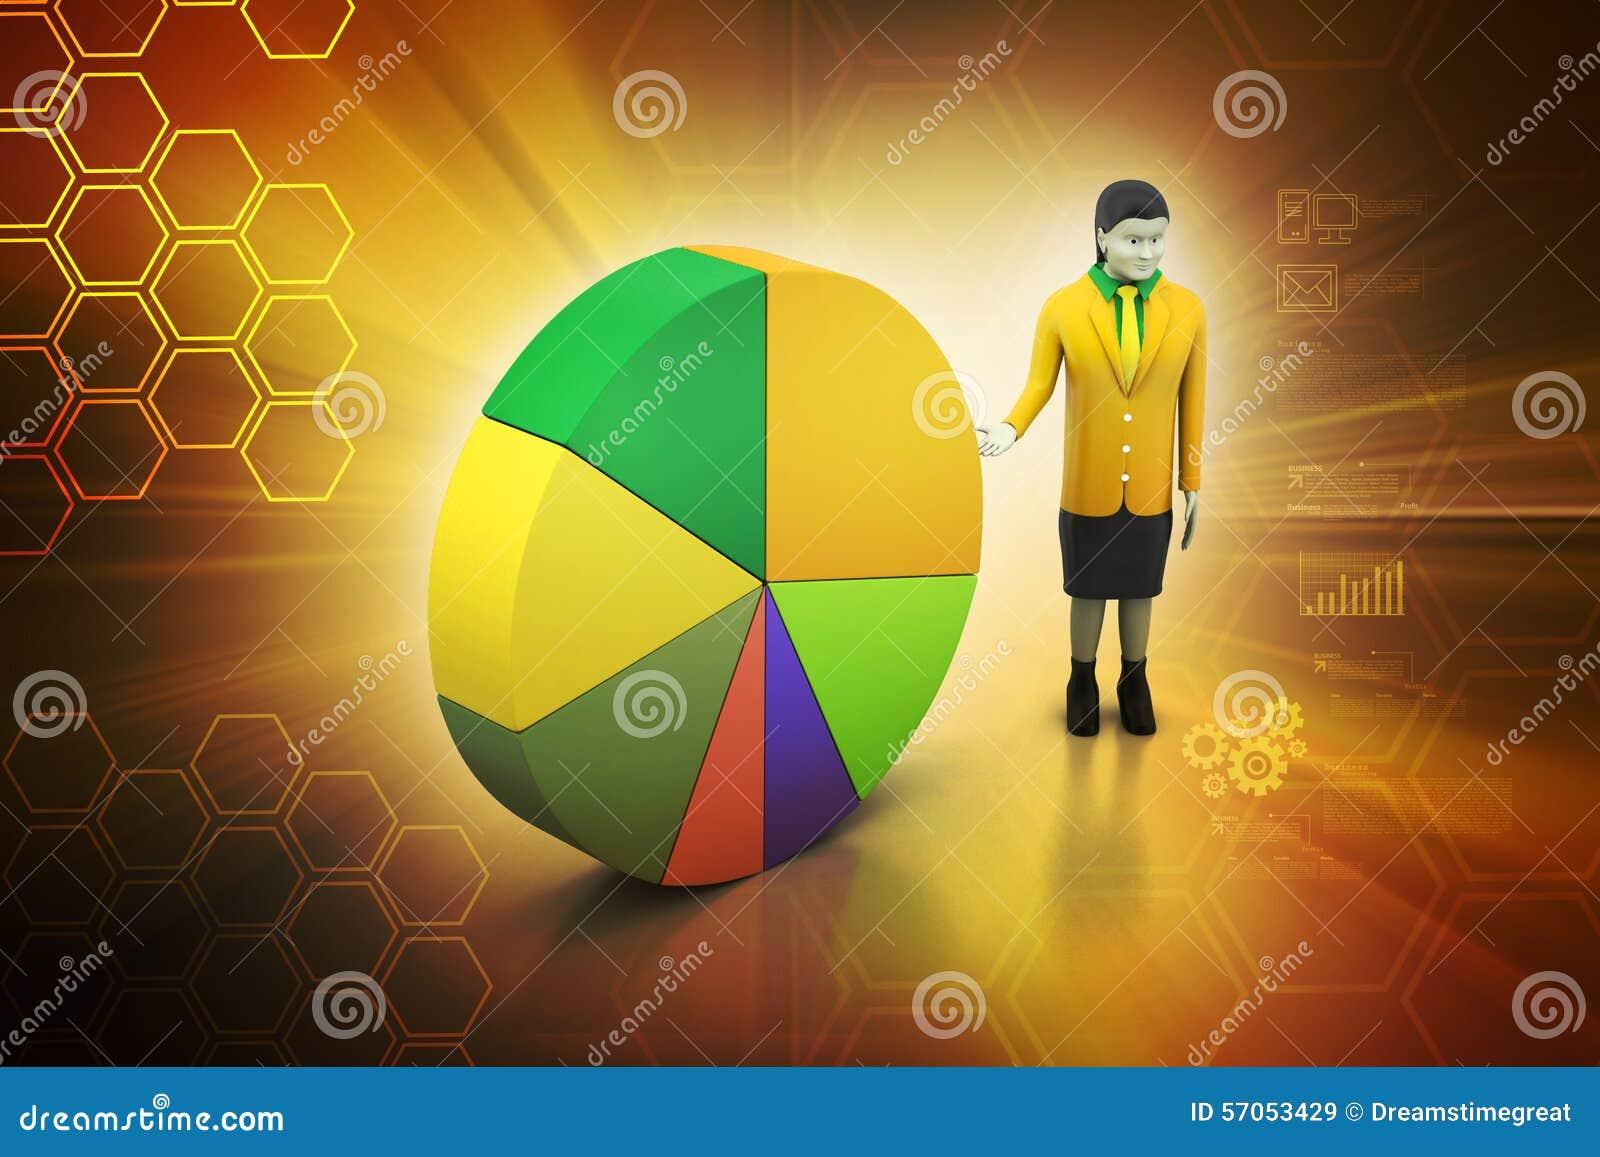 3d vrouwen die het cirkeldiagram bestuderen